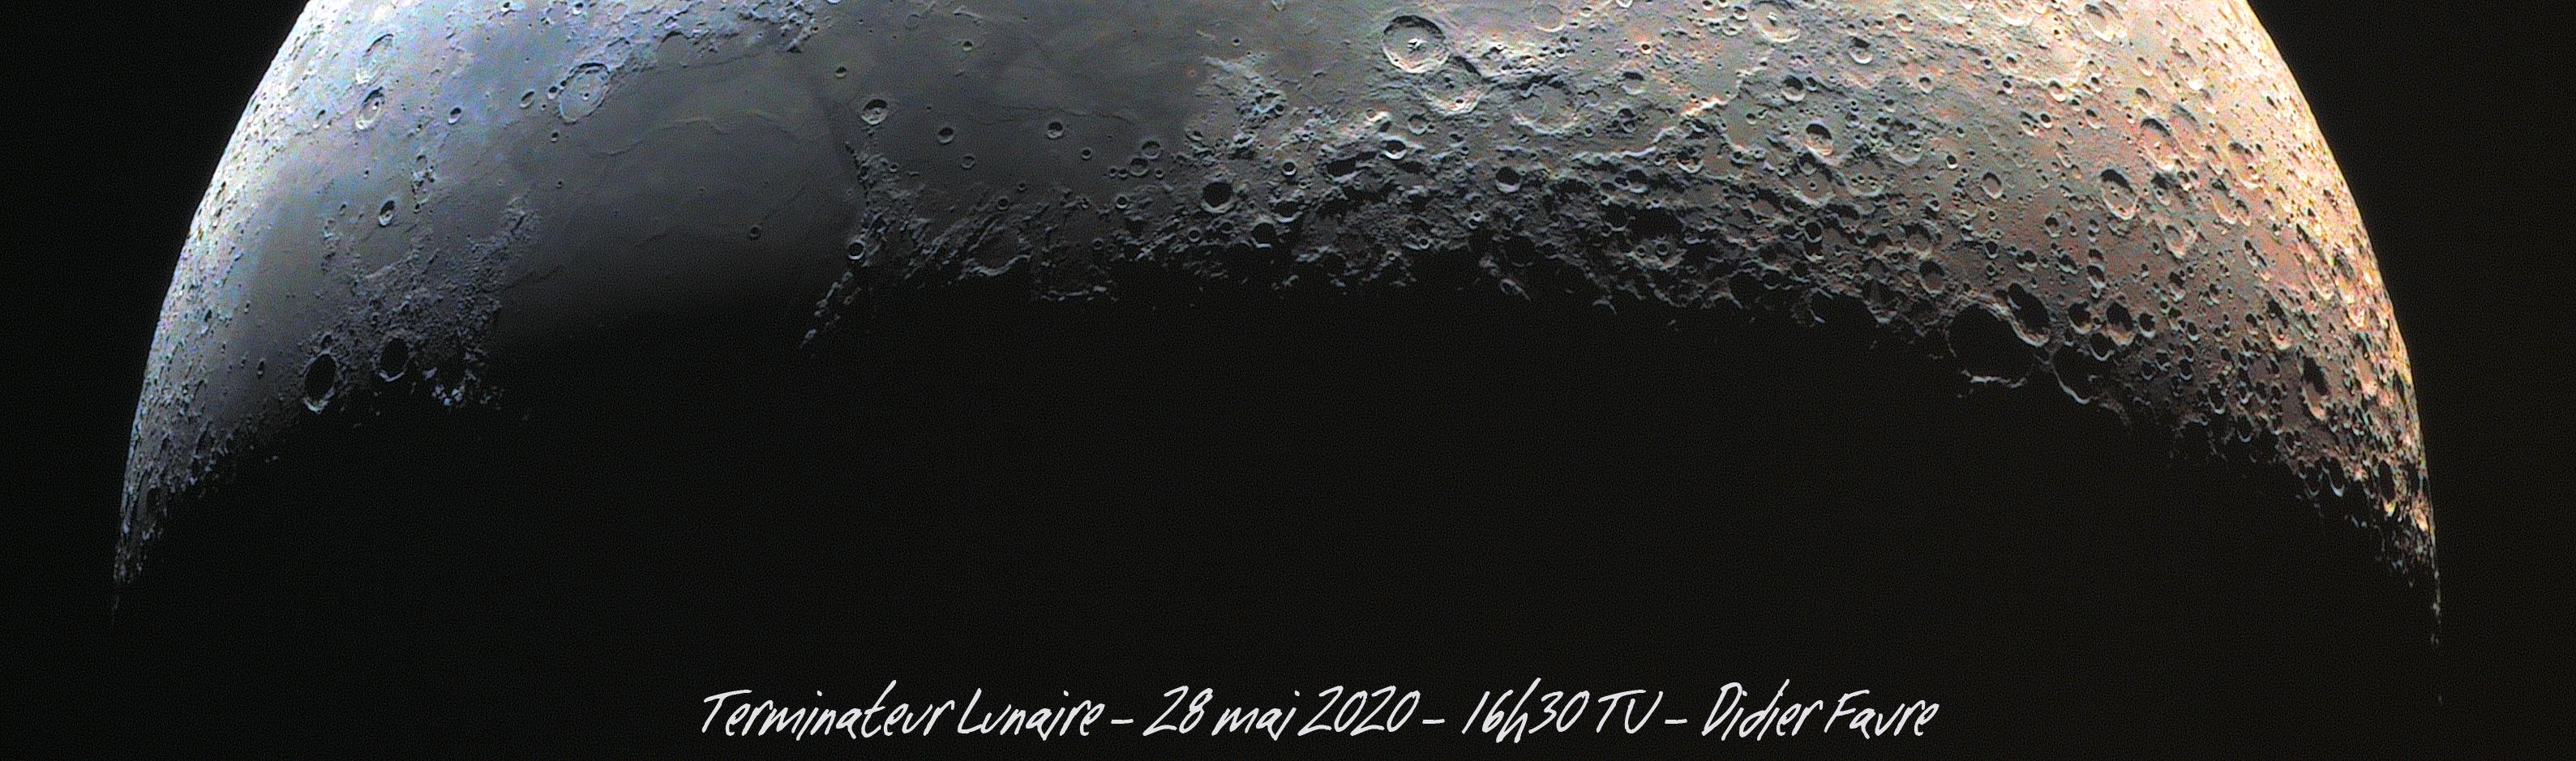 28 mai 2020 - 16h30 TU - Lune - Terminat